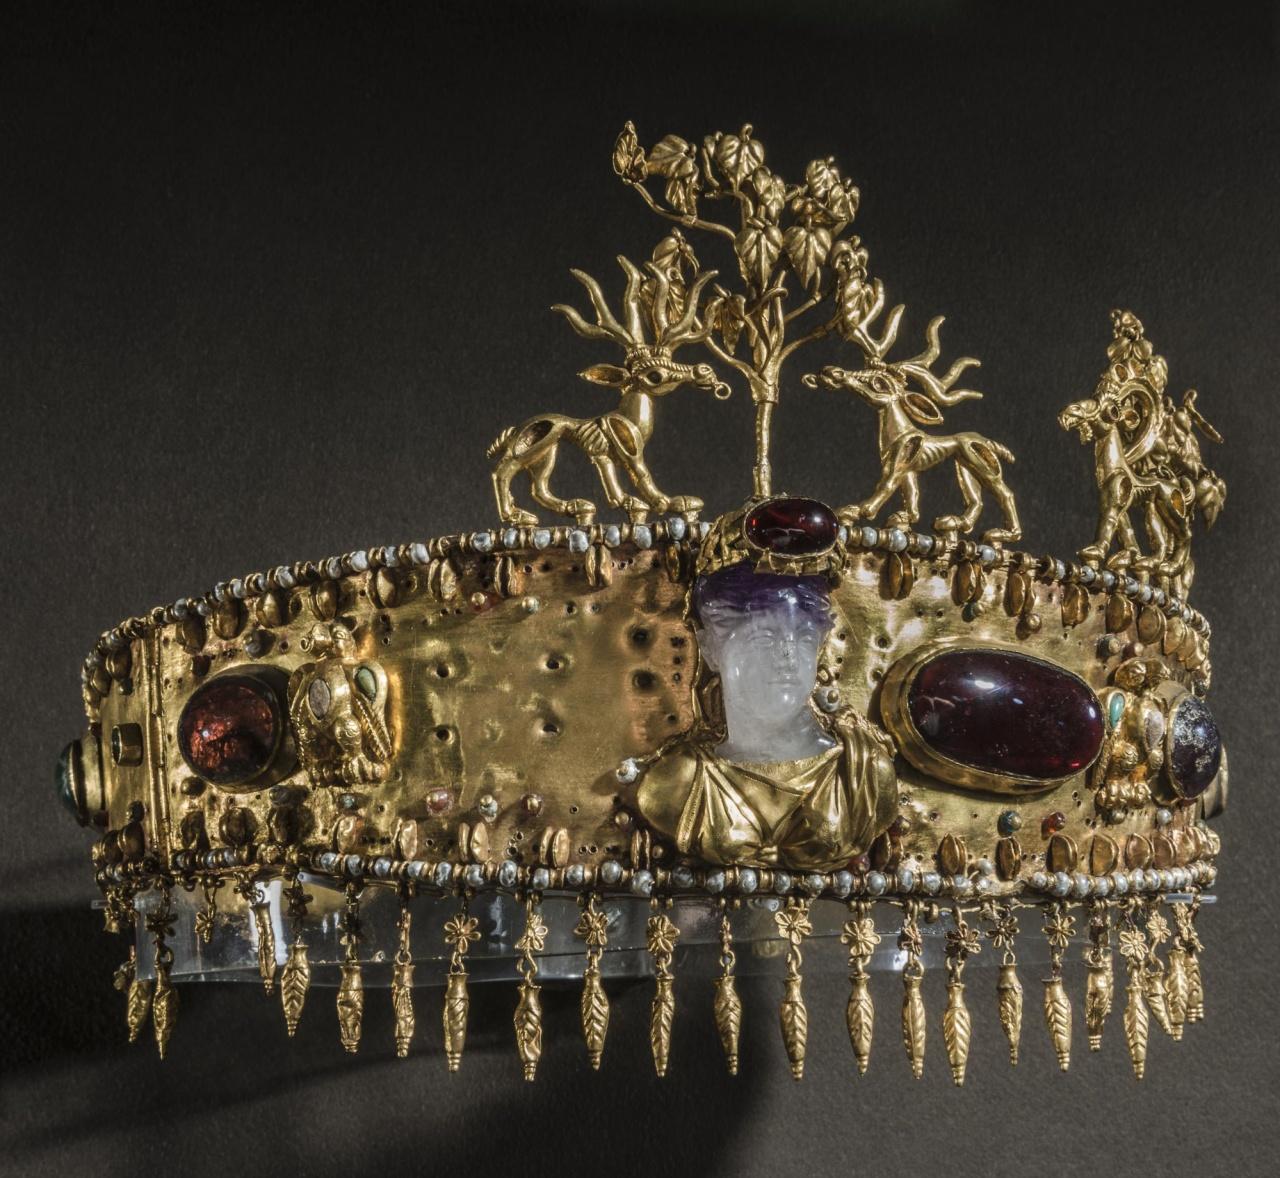 Диадема сарматской царицы в Золотой кладовой Эрмитажа